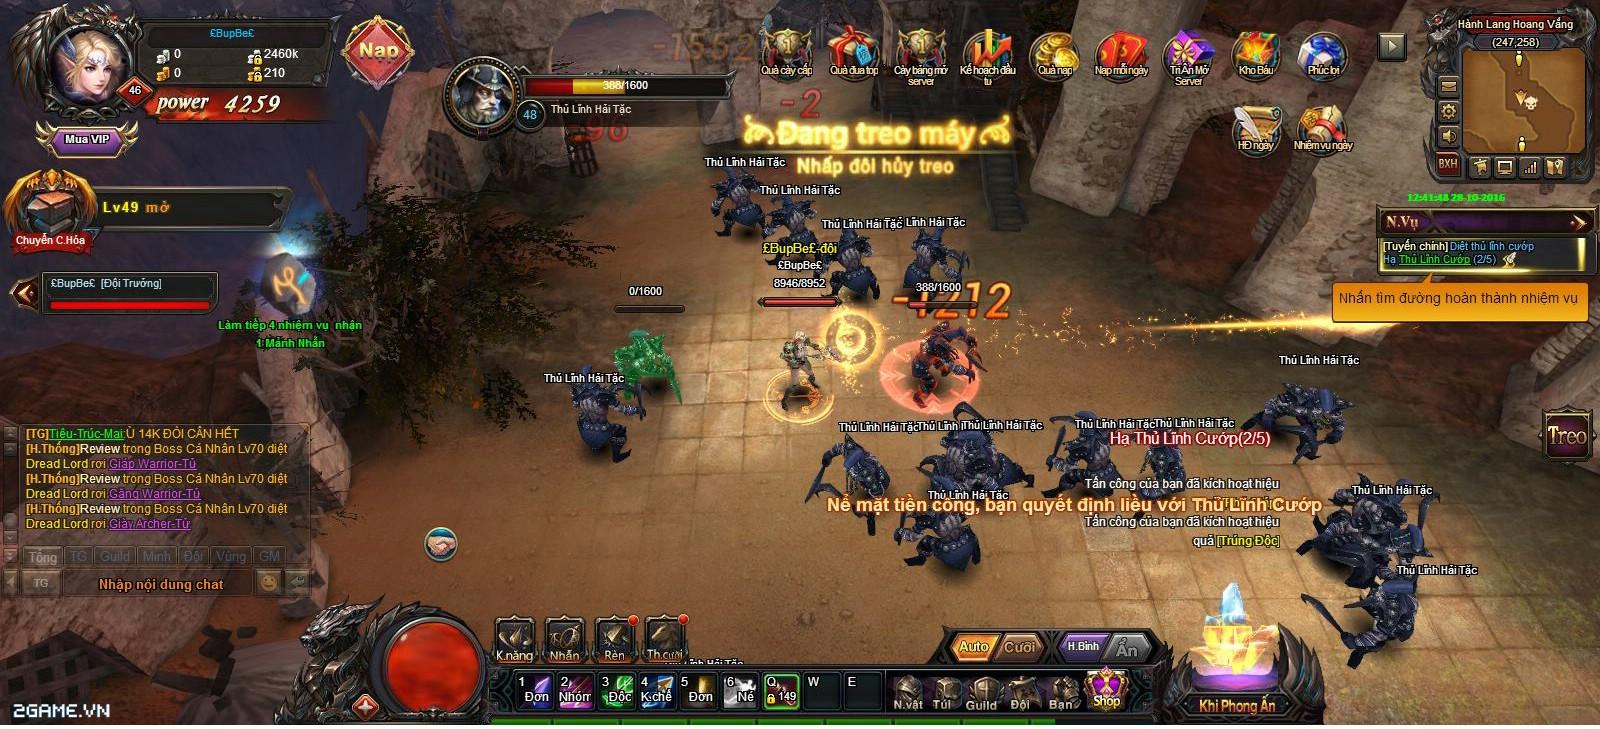 Thêm 9 game online vừa công bố lịch ra mắt tại Việt Nam vào cuối tháng 10 và đầu tháng 11 tới 3